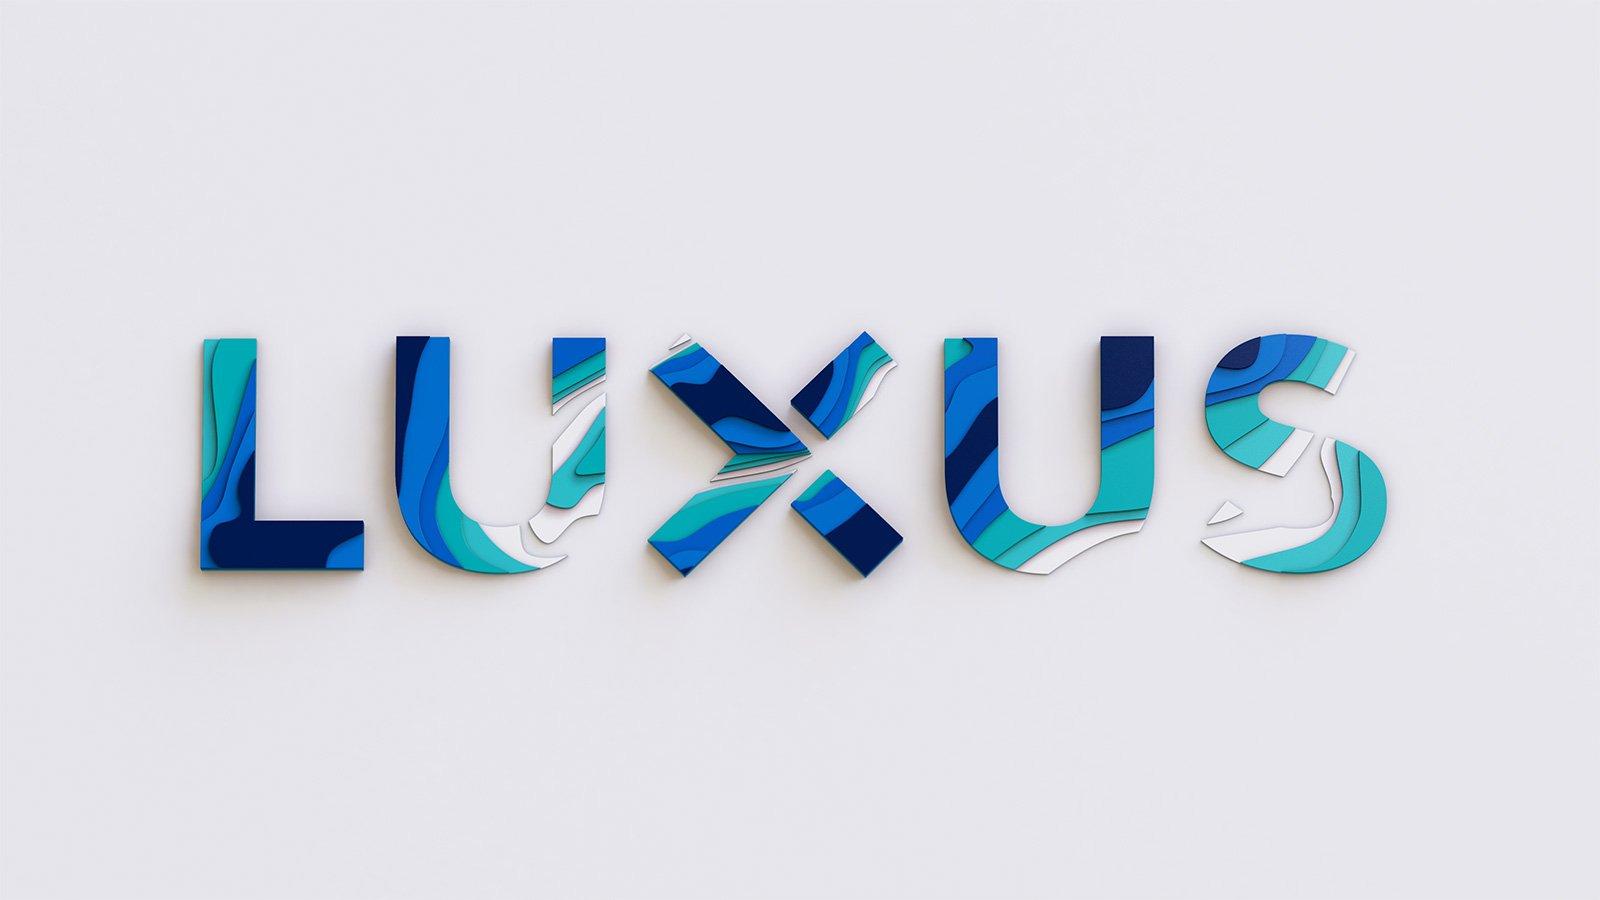 luxus-brand-logo-teaser-1600x900